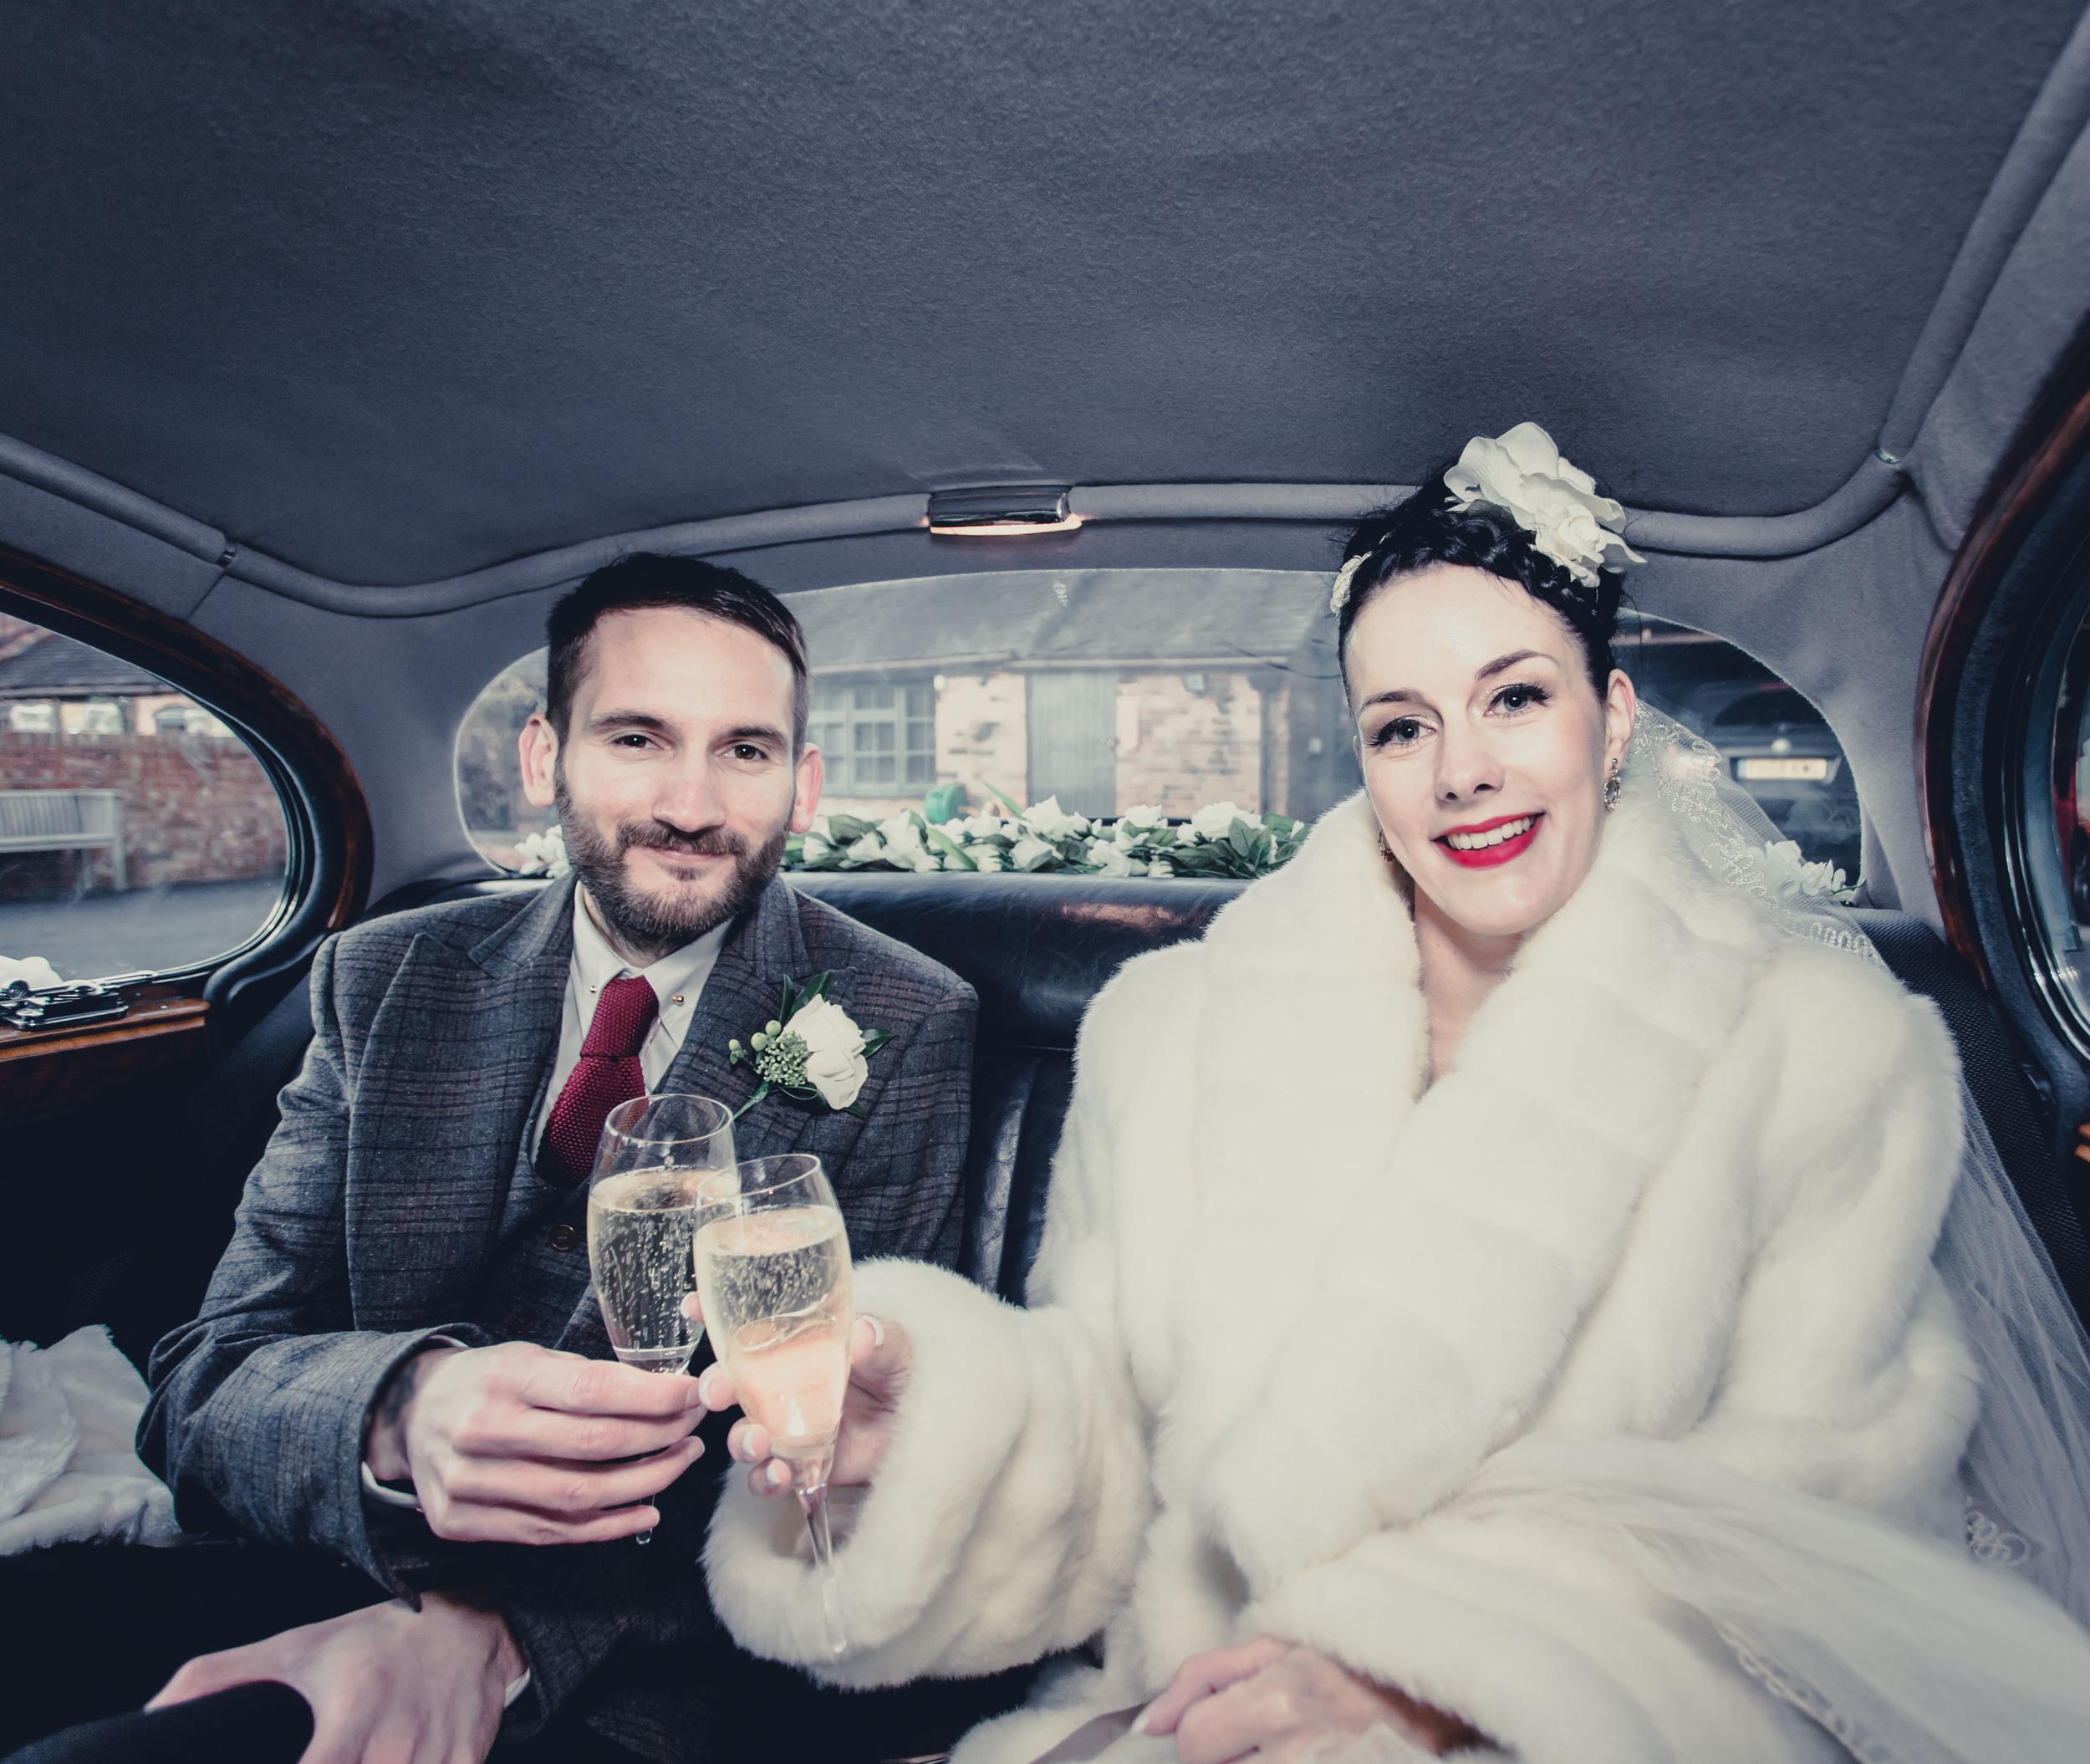 134 - Angela and Karls Wedding by www.markpugh.com -6892.jpg